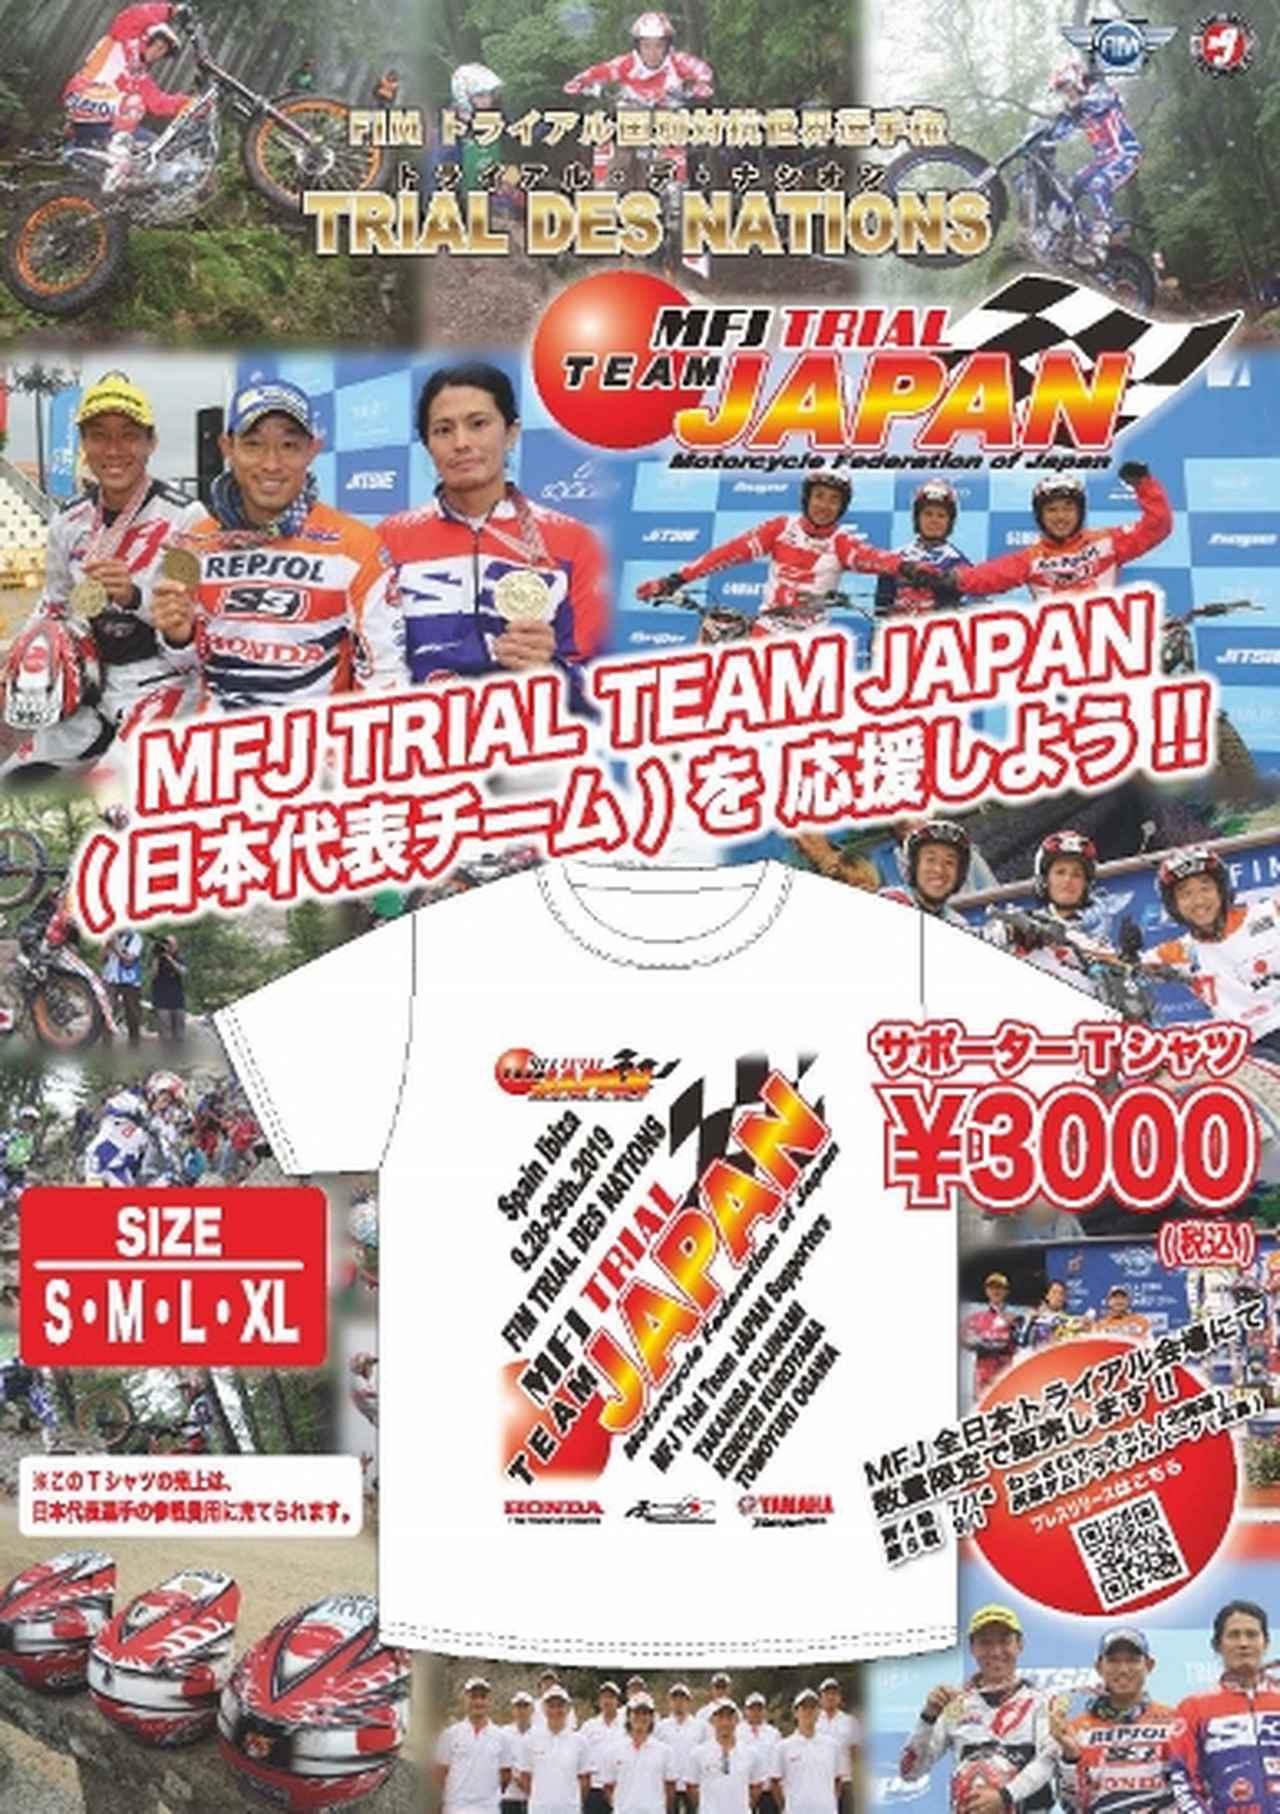 画像: MFJ 2019トライアル・デ・ナシオン TEAM JAPANサポーターTシャツ販売のお知らせ